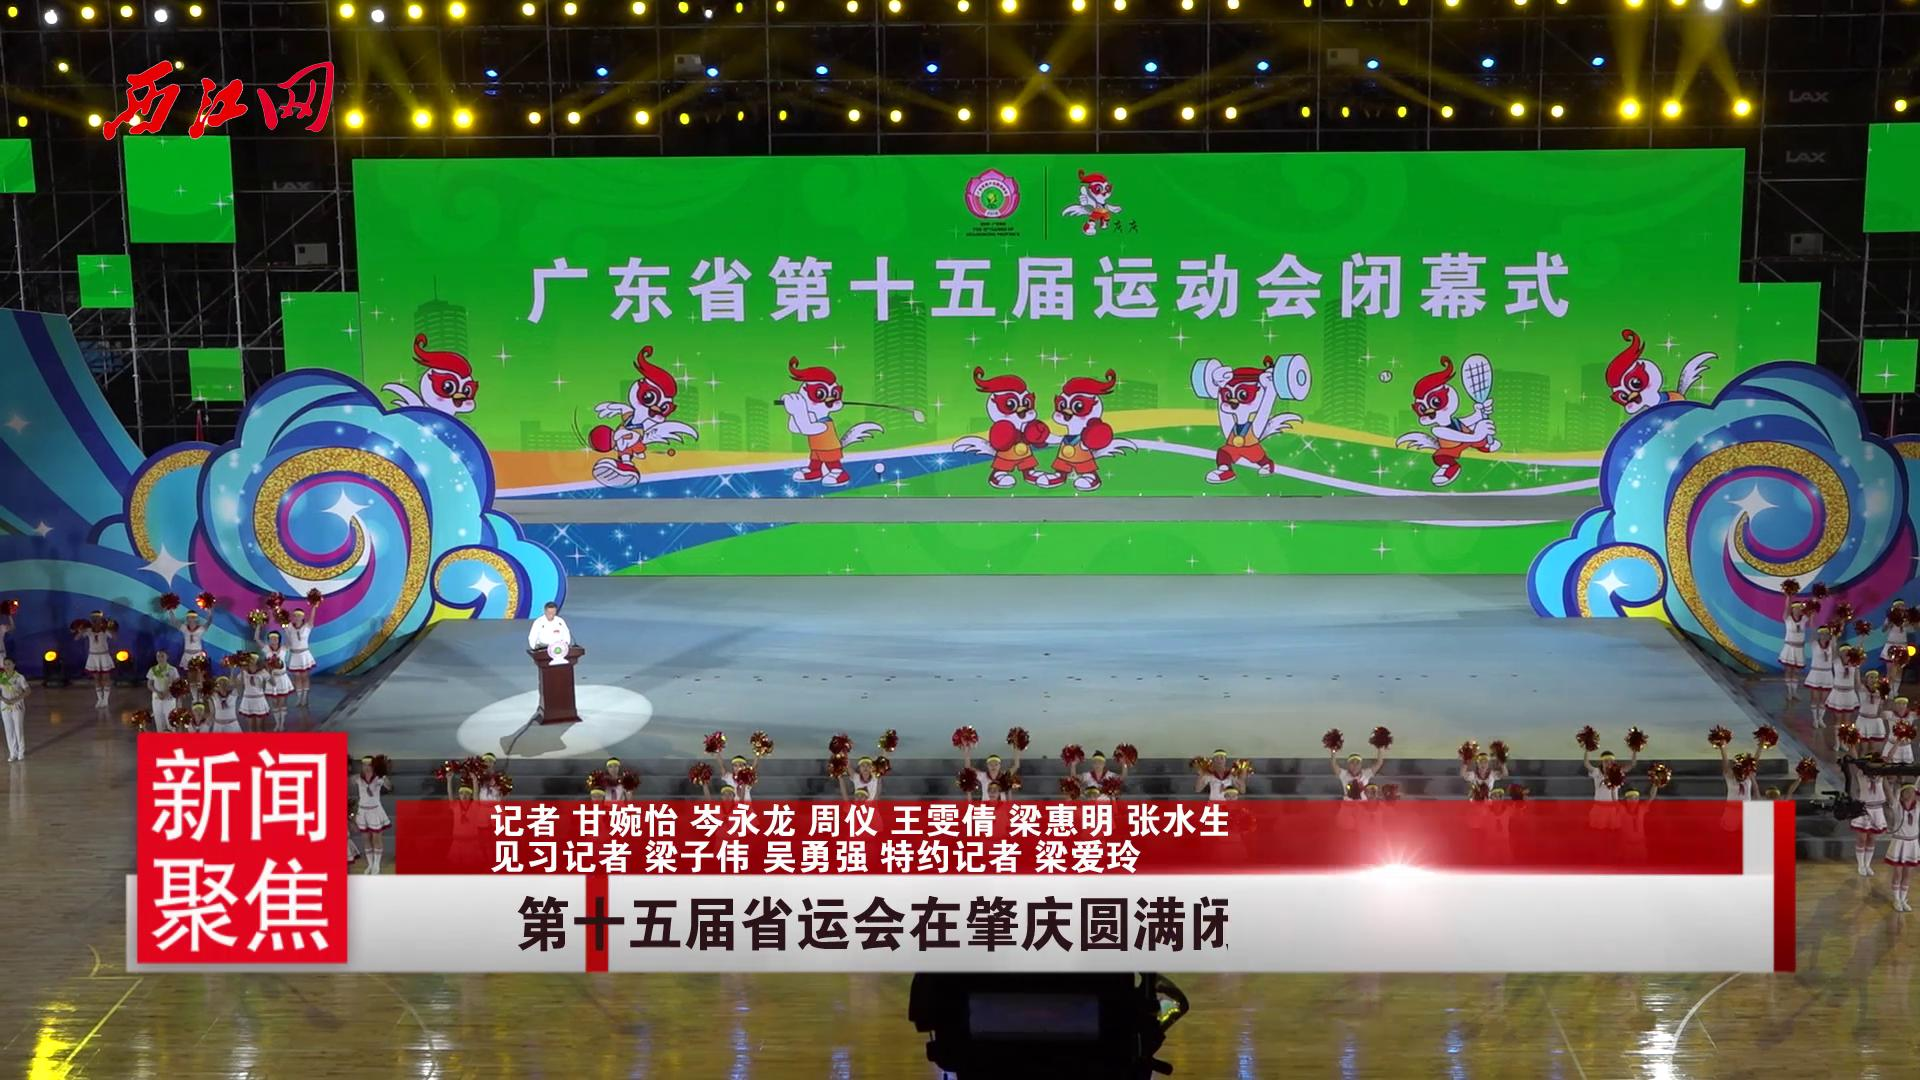 第十五届省运会在肇庆圆满闭幕